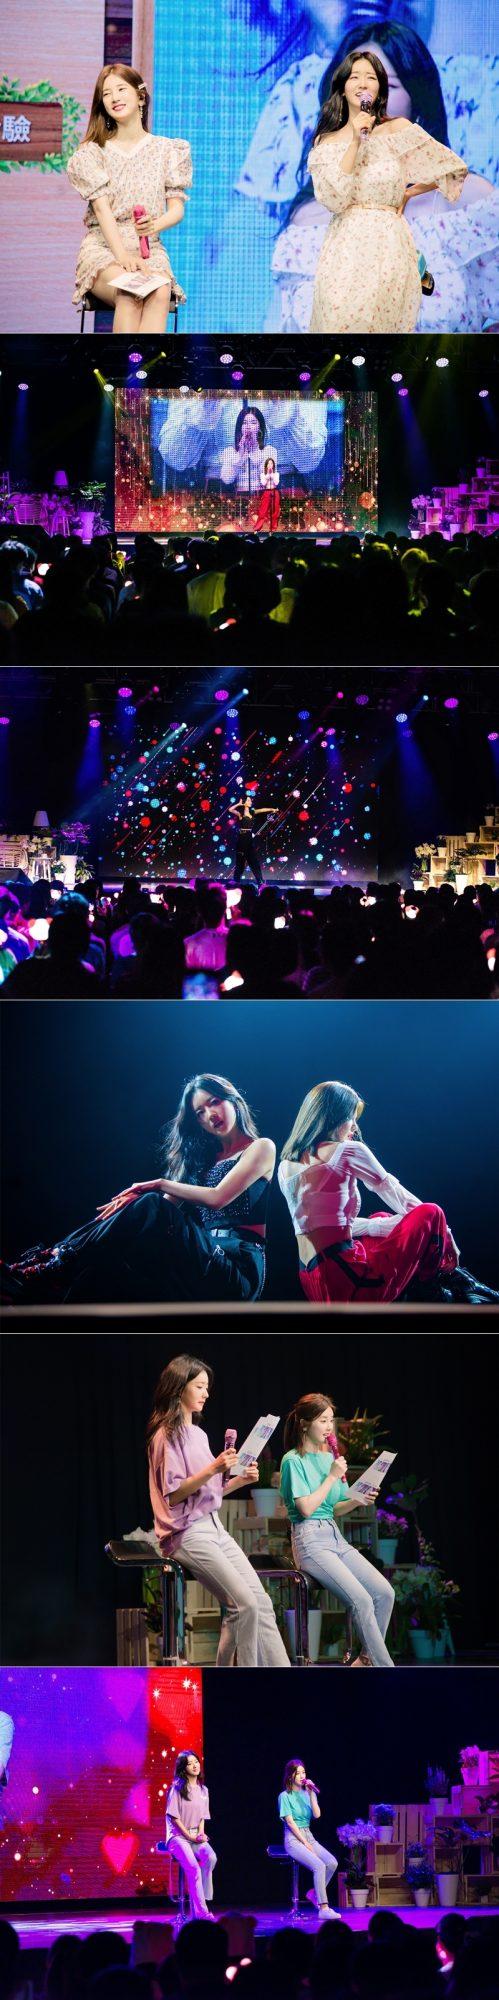 에이핑크 초롱·보미의 대만 팬미팅 모습.  /사진제공= 플레이엠엔터테인먼트